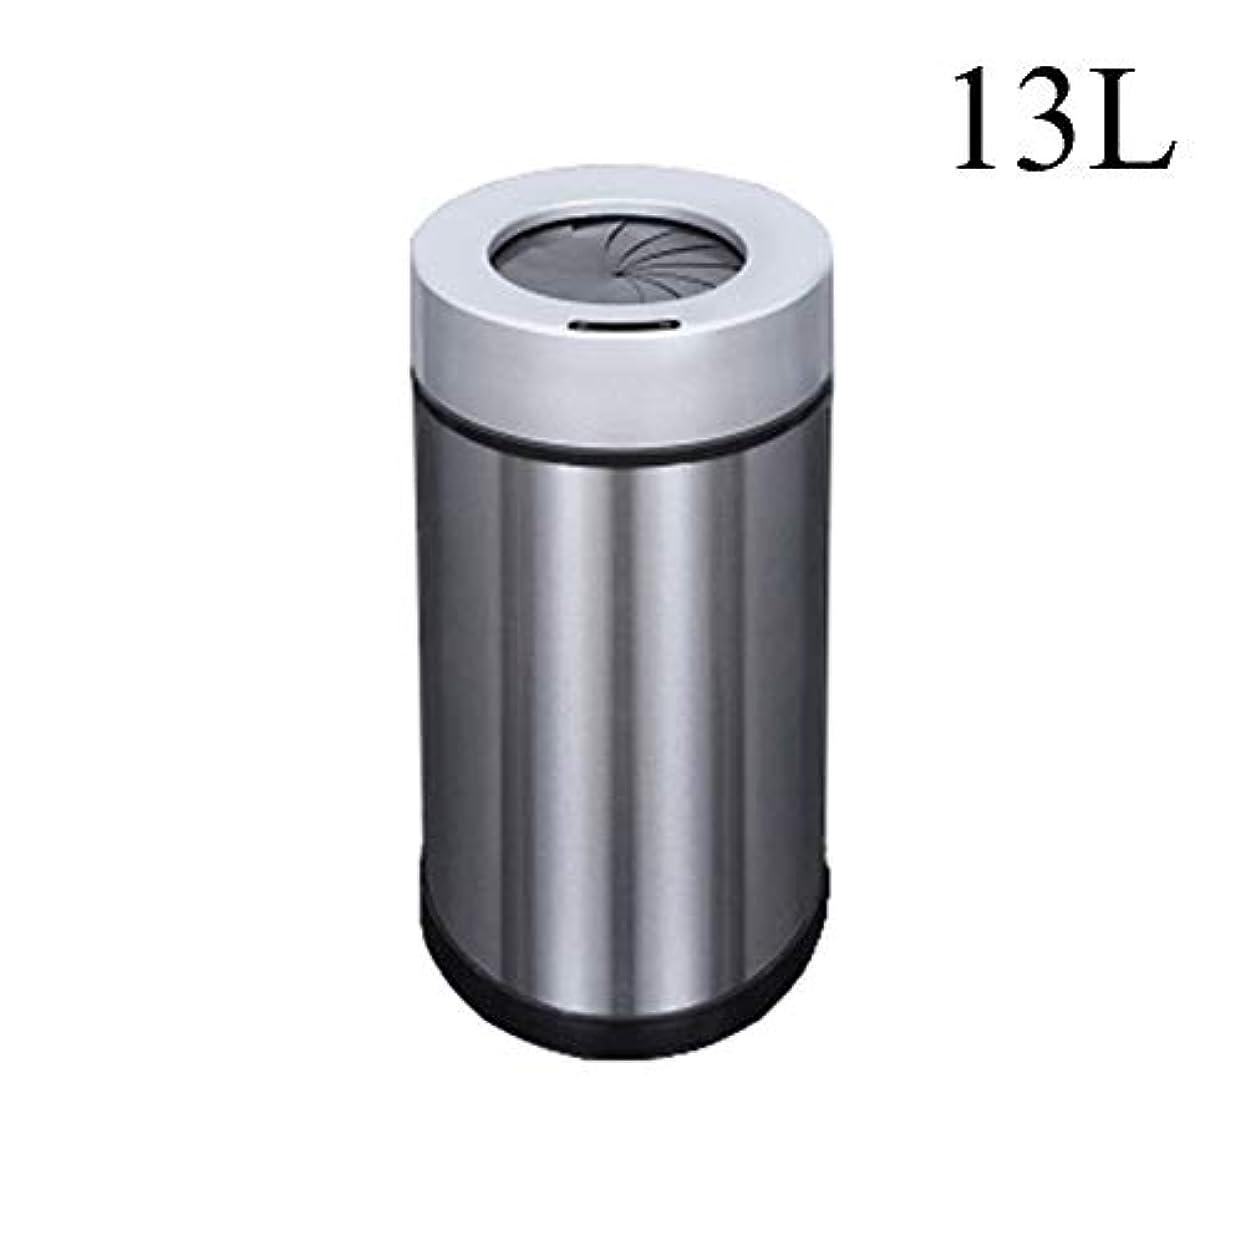 冗談で最少送料スマートゴミ箱自動誘導Usb充電カバー付きホームリビングルームキッチン寝室バスルーム電気,Silver